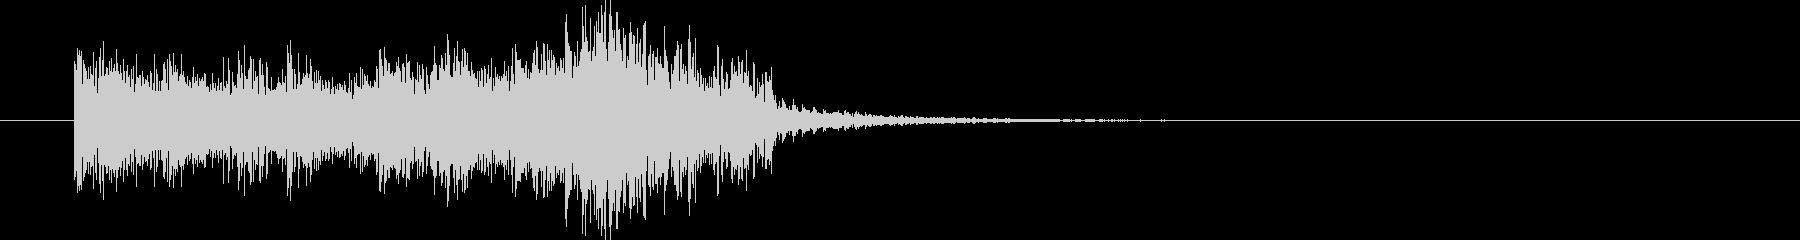 弦のピッチカートによる3秒サウンドロゴの未再生の波形